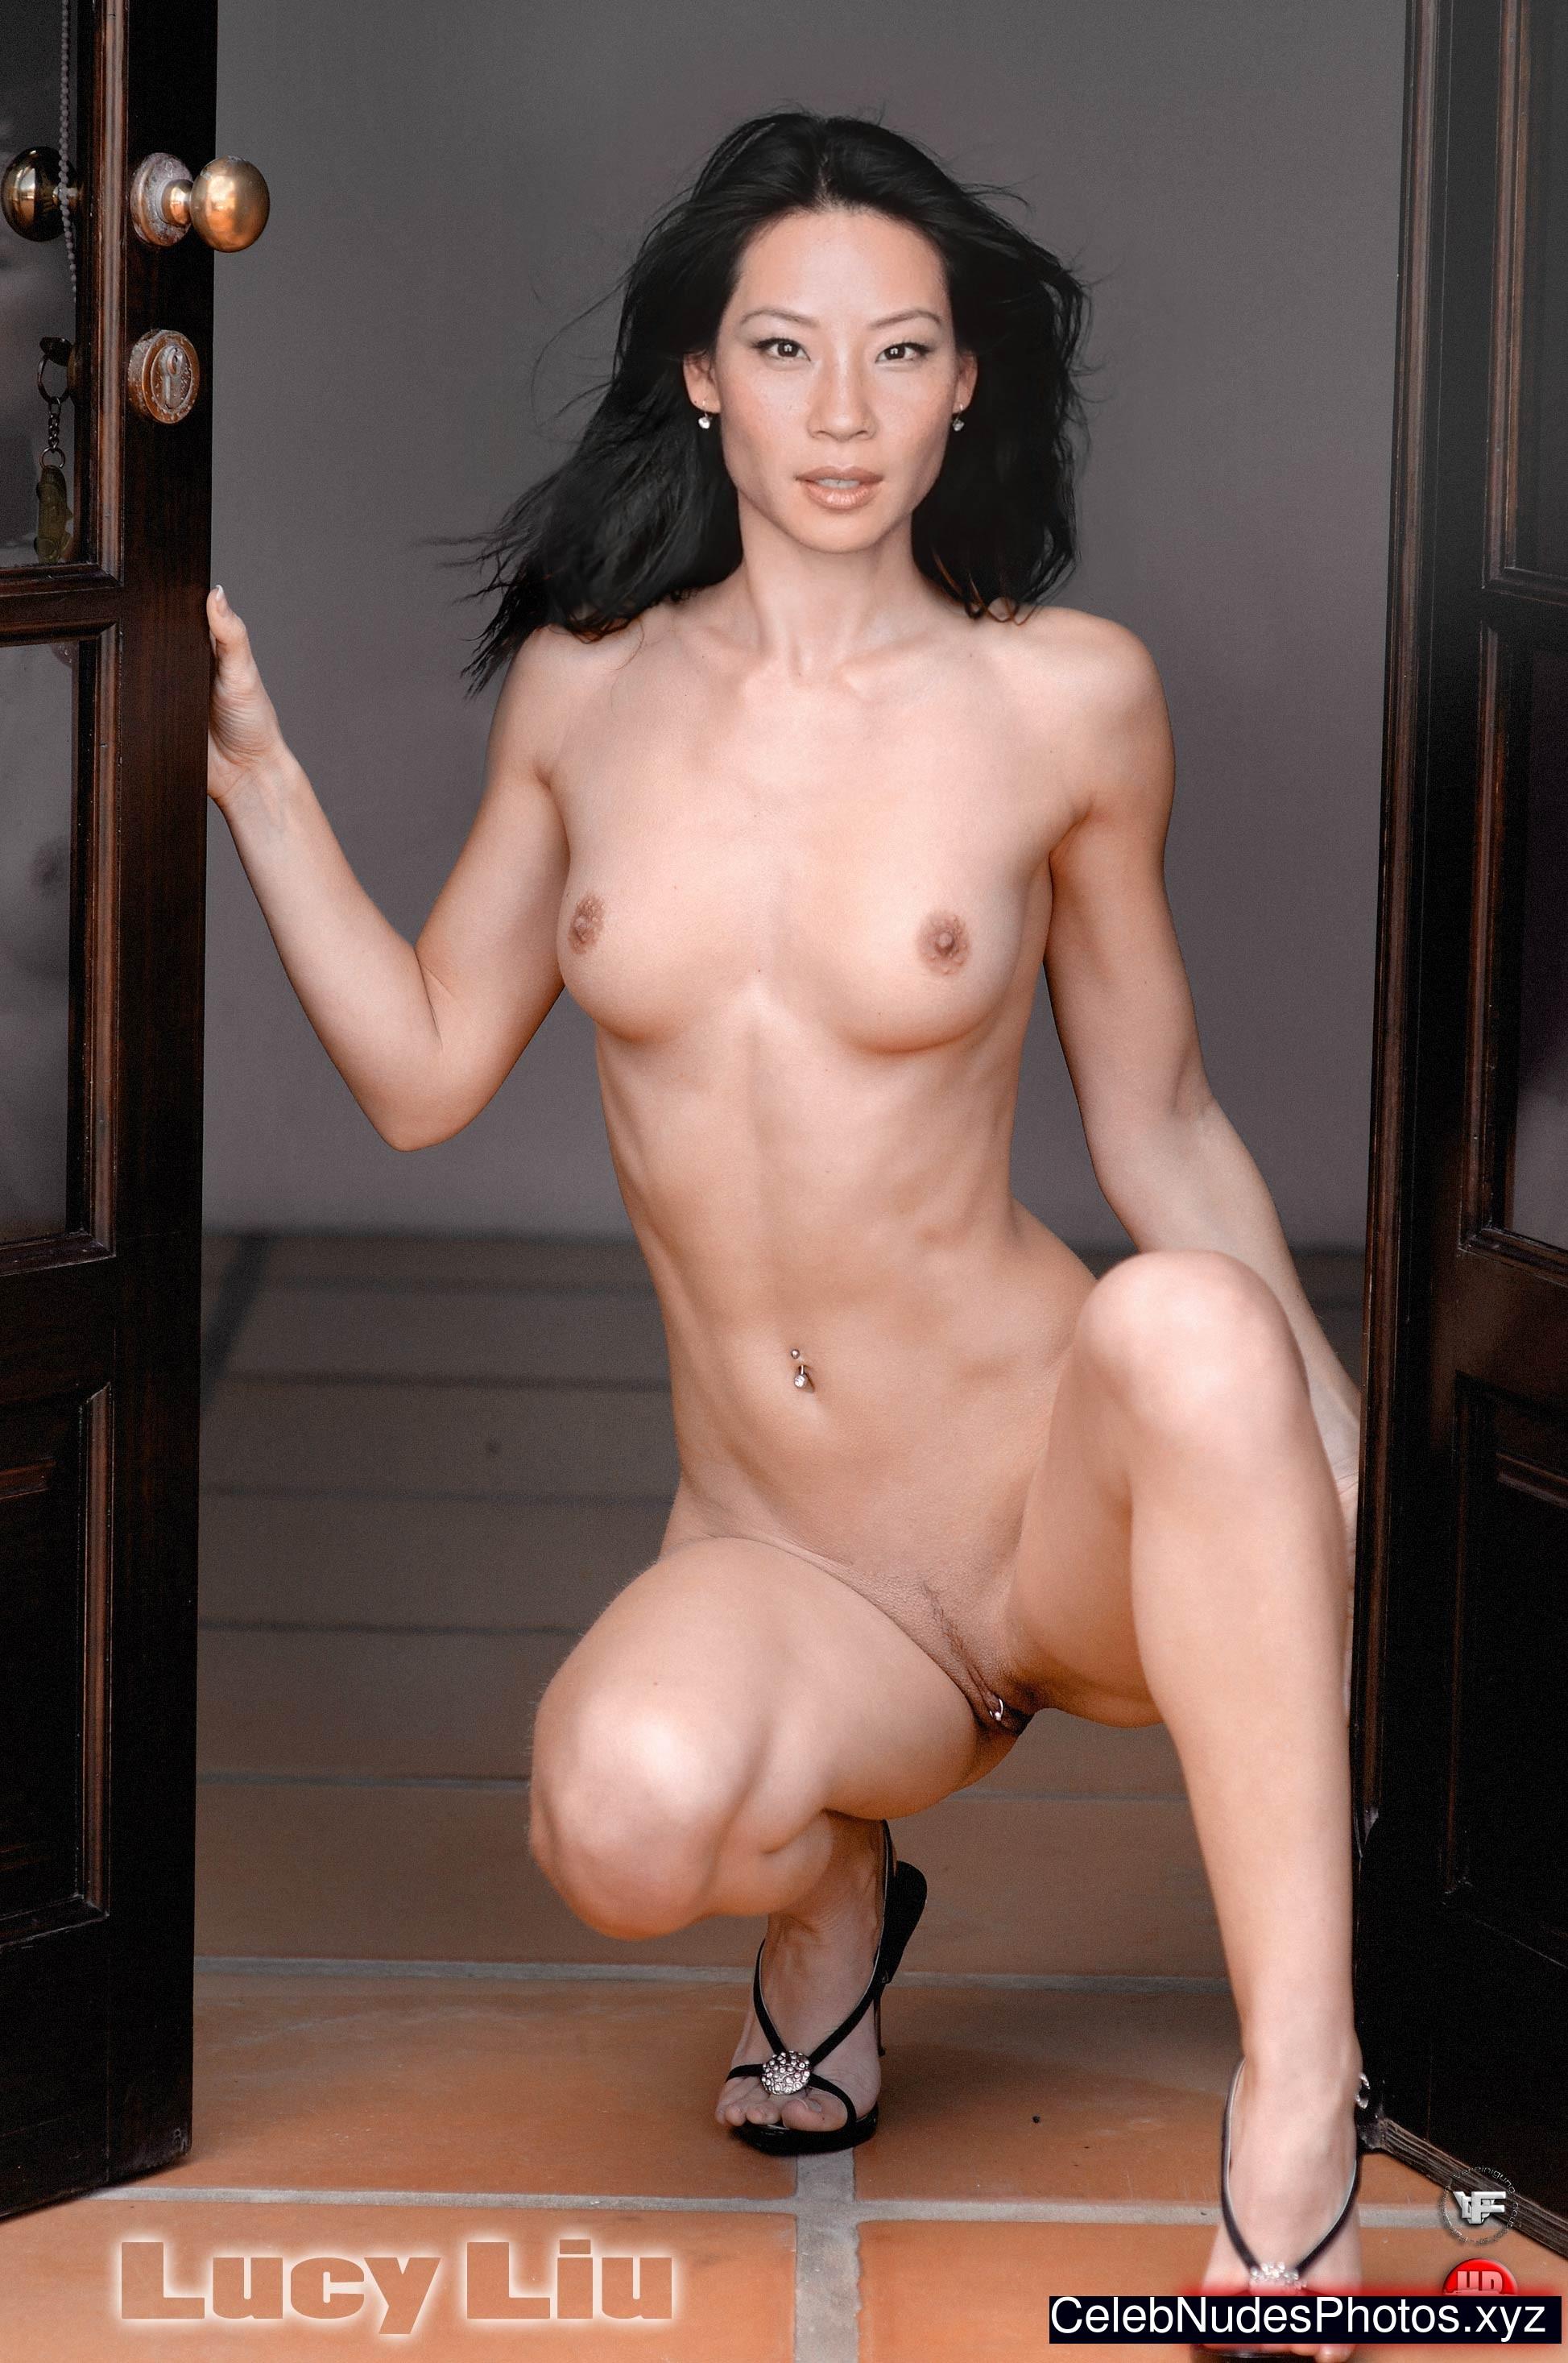 from Davin nude celebs free net